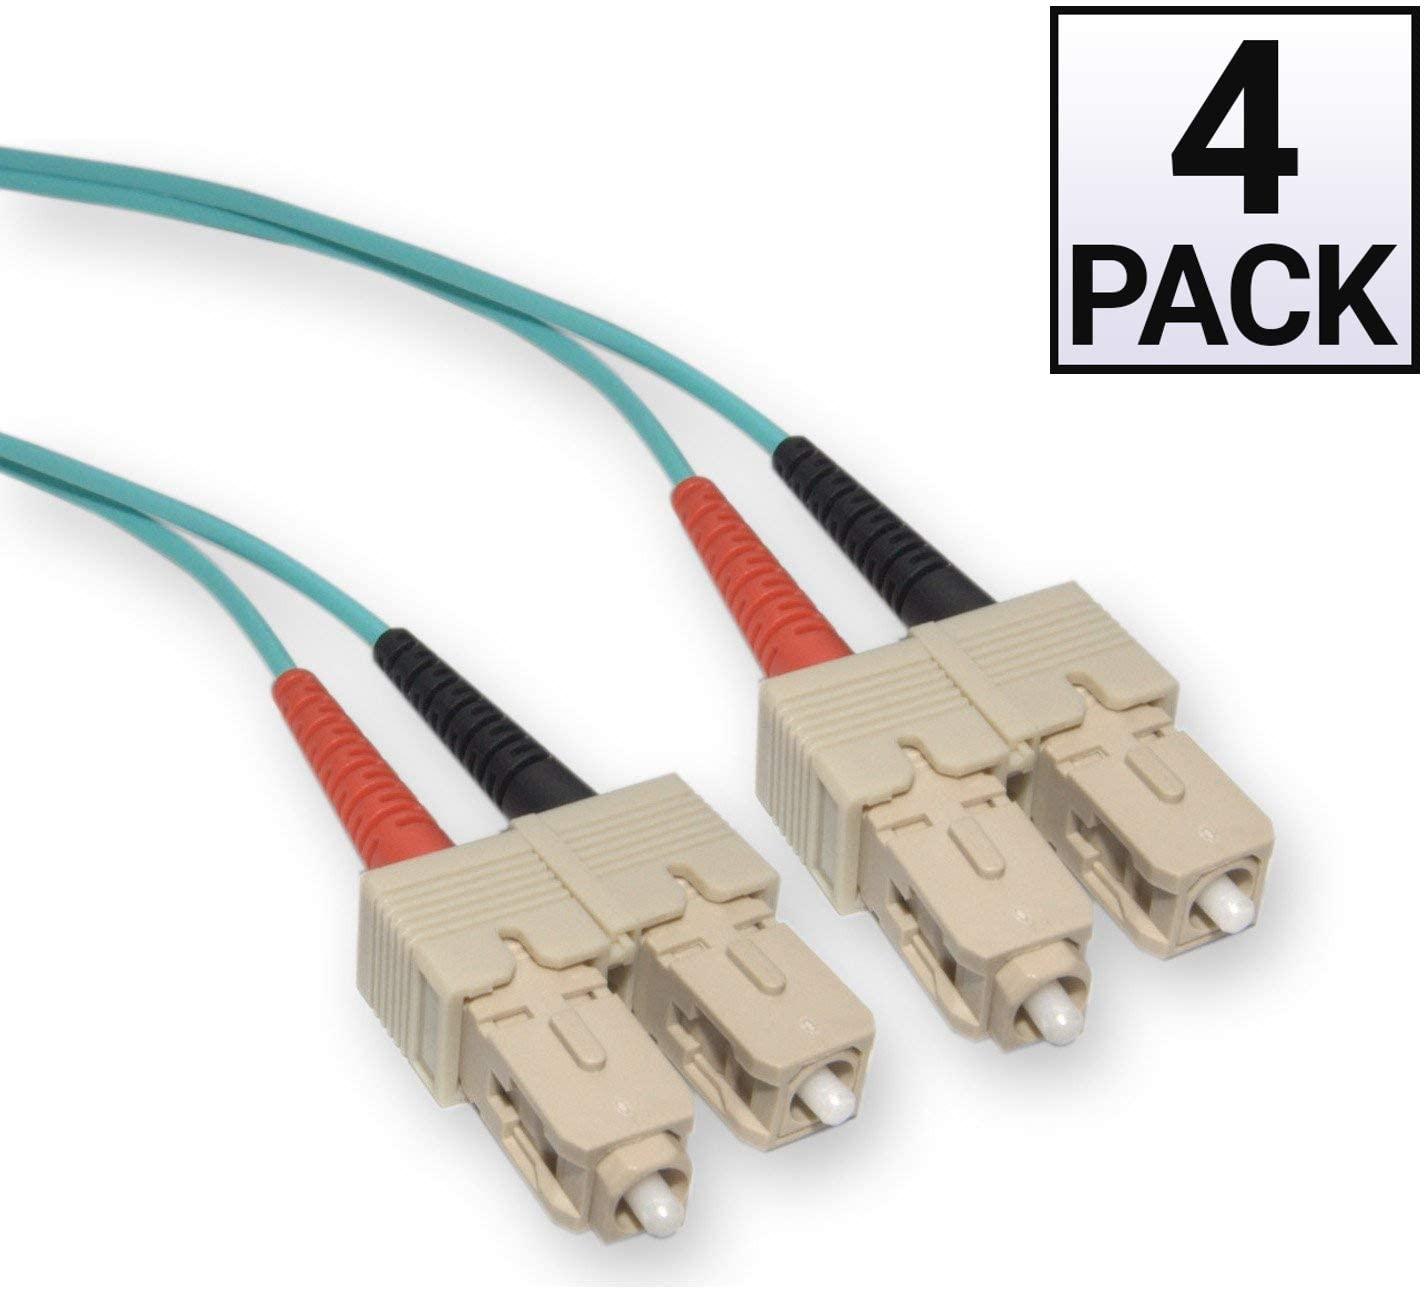 GOWOS (4 Pack) 10 Gigabit Aqua Fiber Optic Cable, SC/SC, Multimode, Duplex, 50/125, 5 Meter (16.5 Feet)